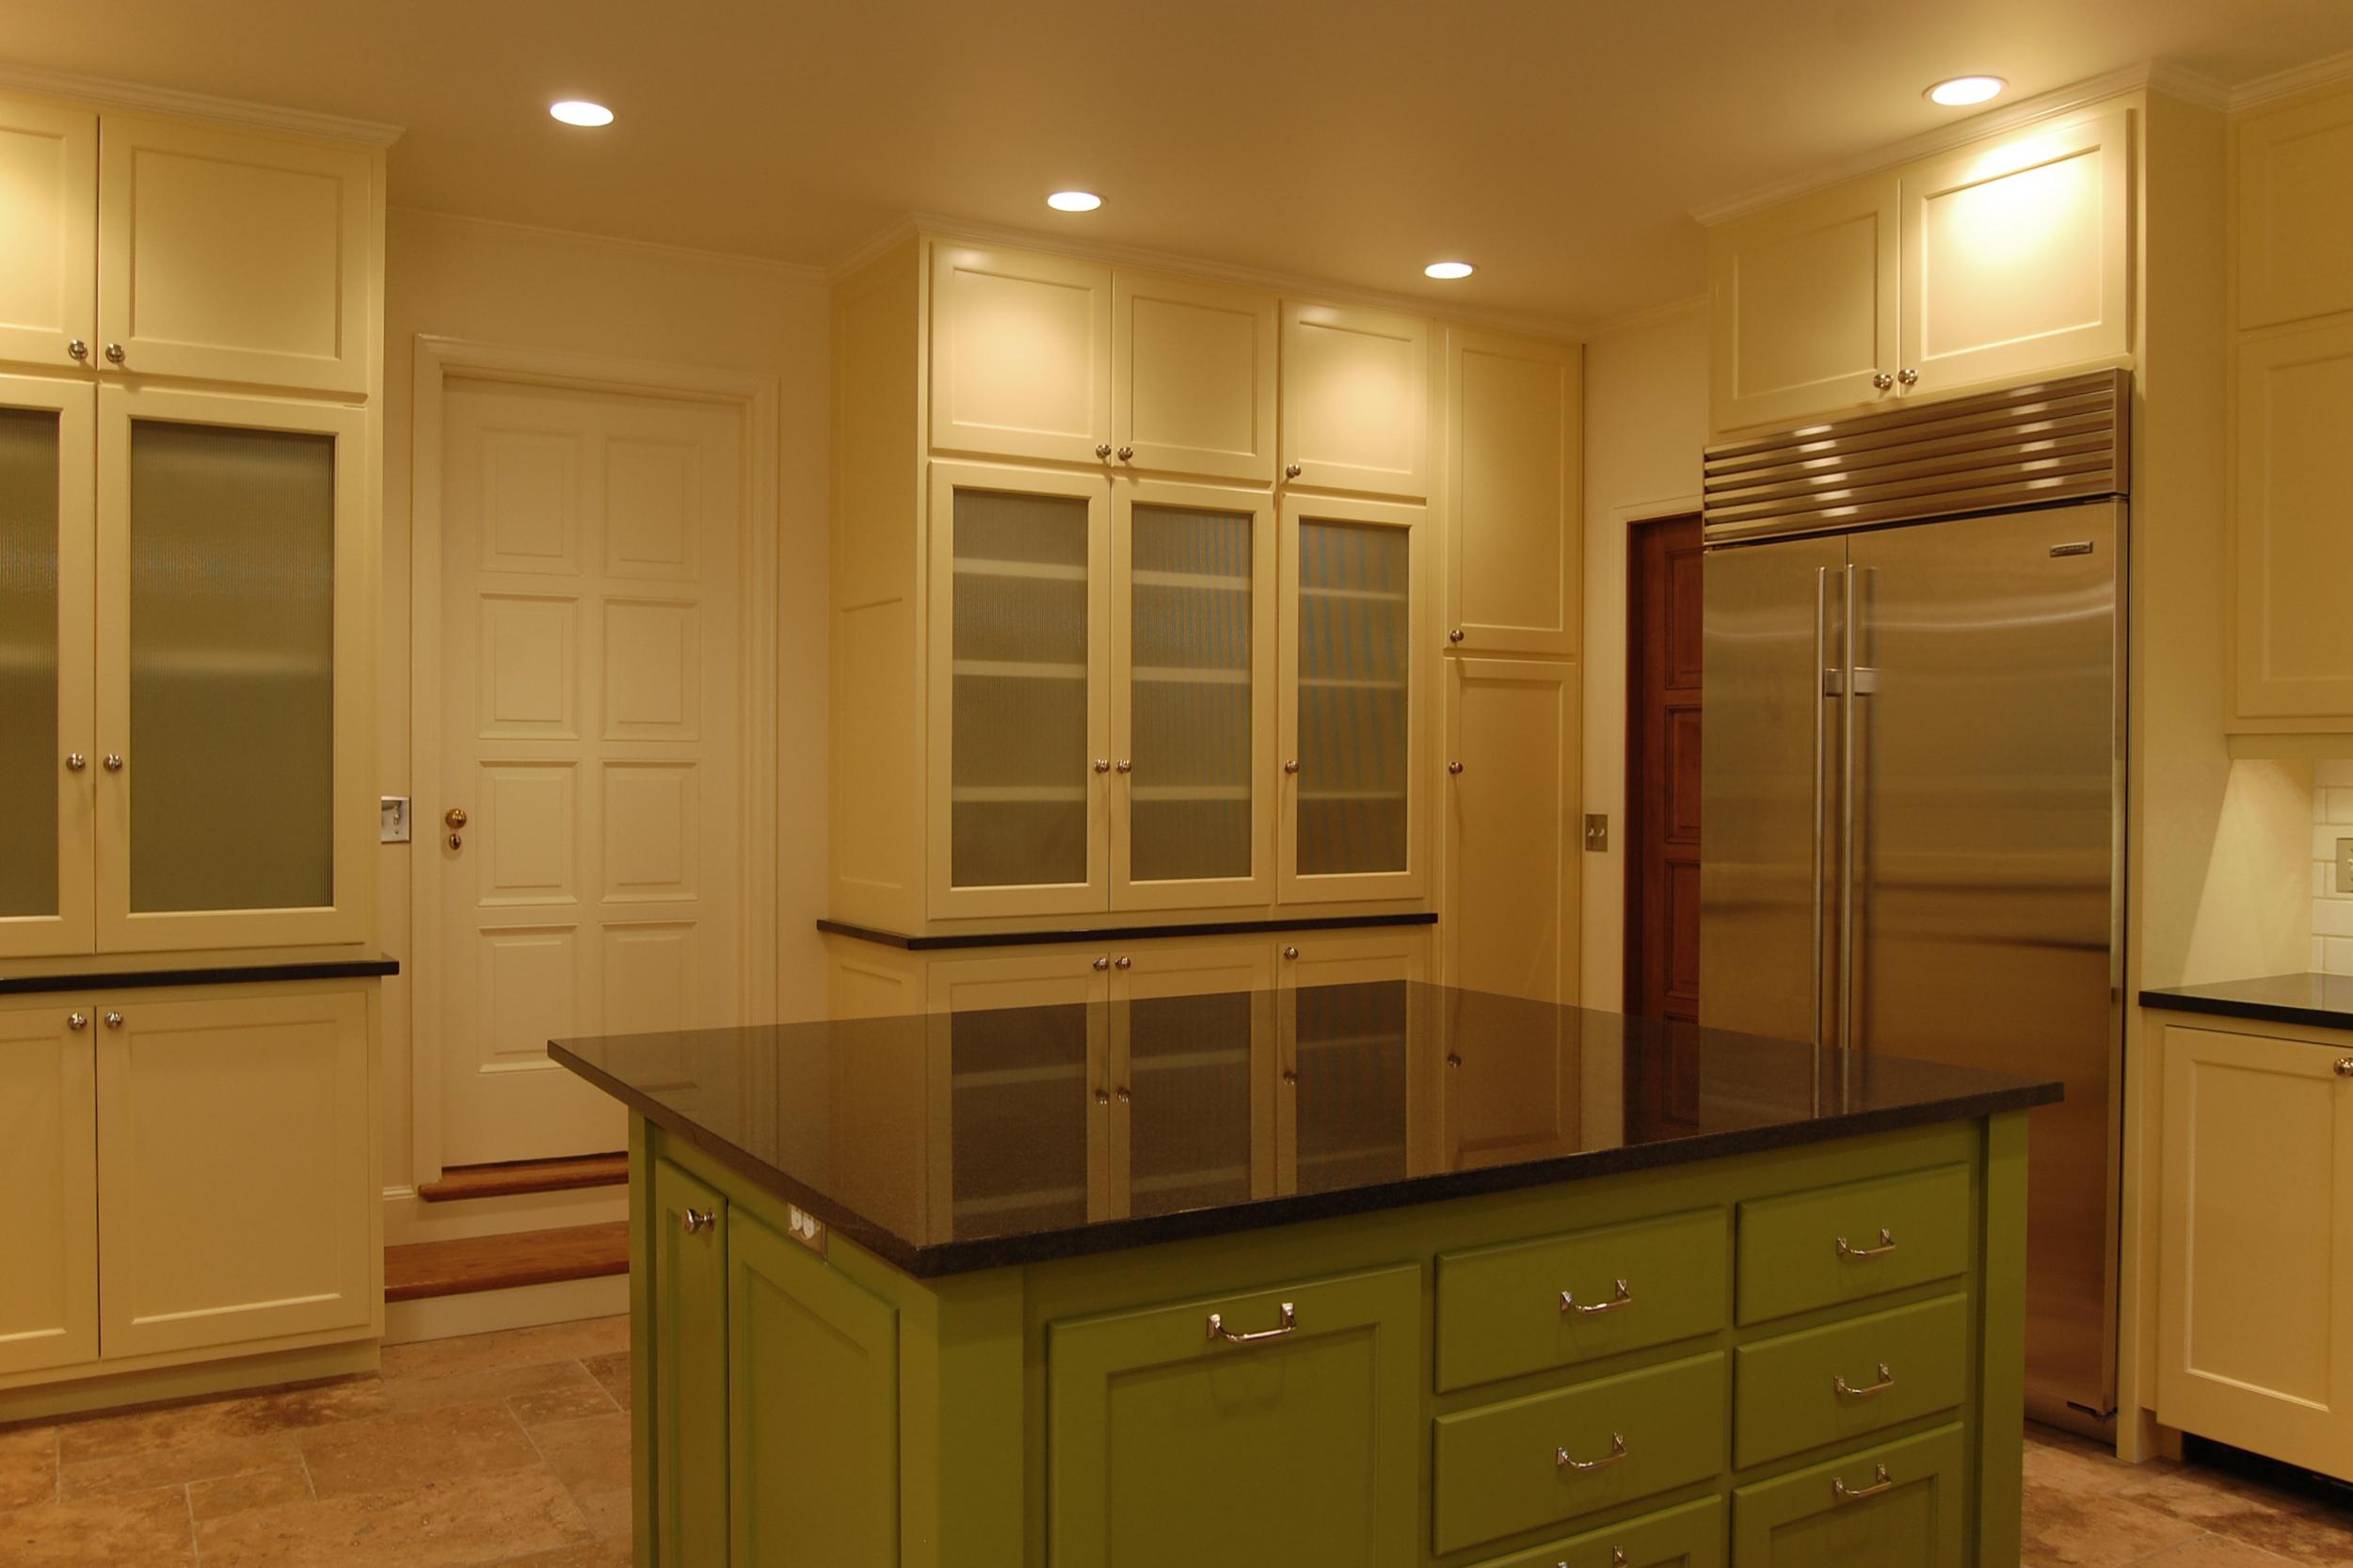 vista_kitchen_14.jpg